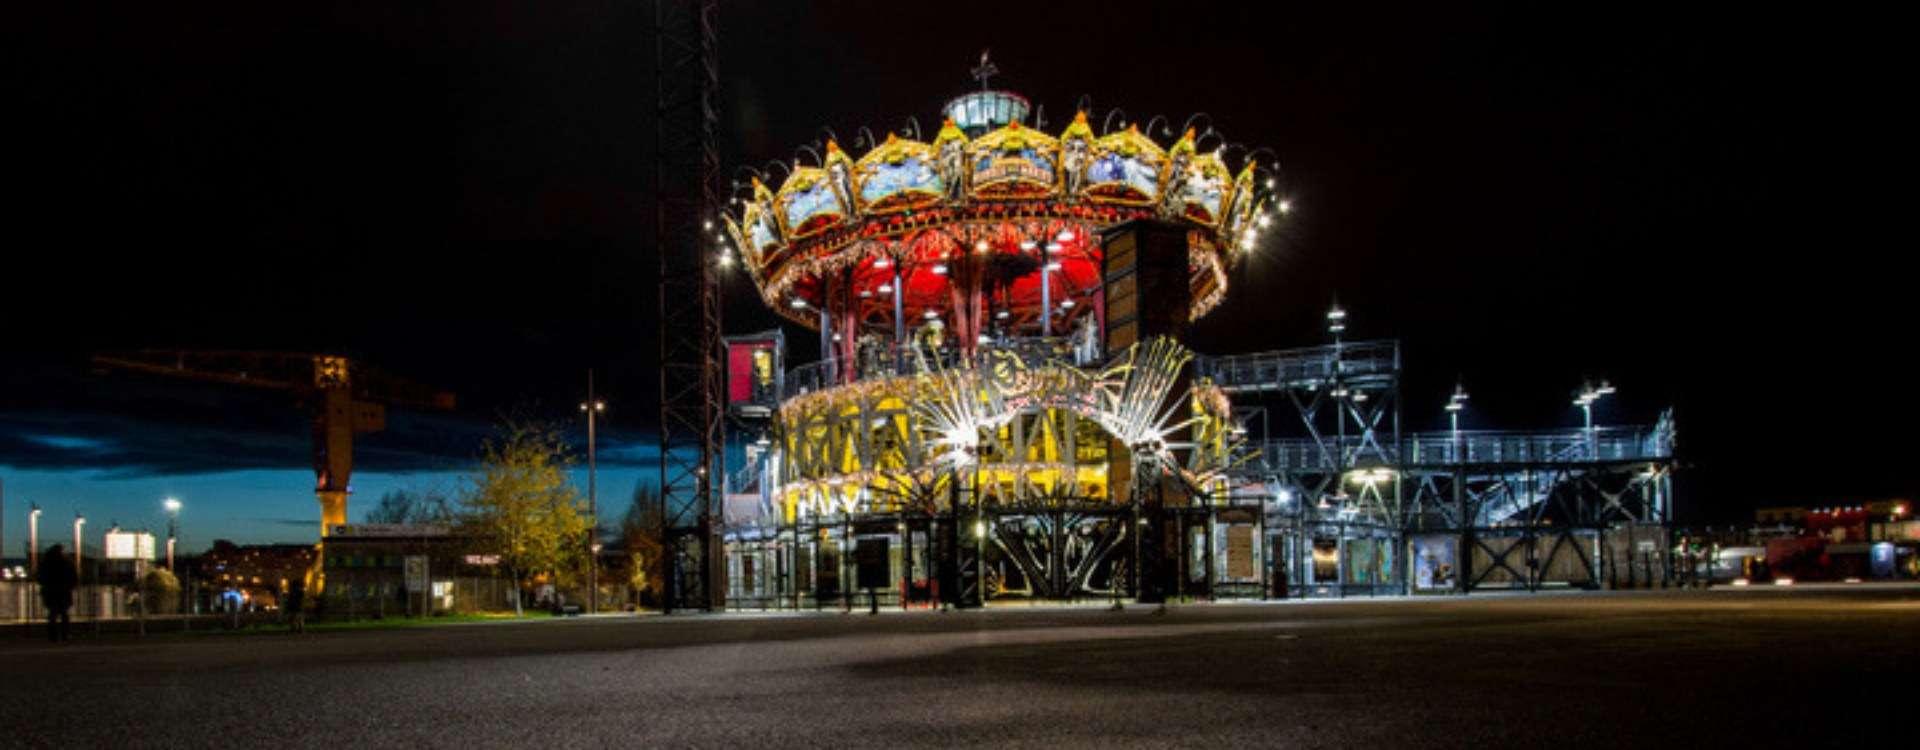 Nantes : top 3 des lieux de rencontre insolites